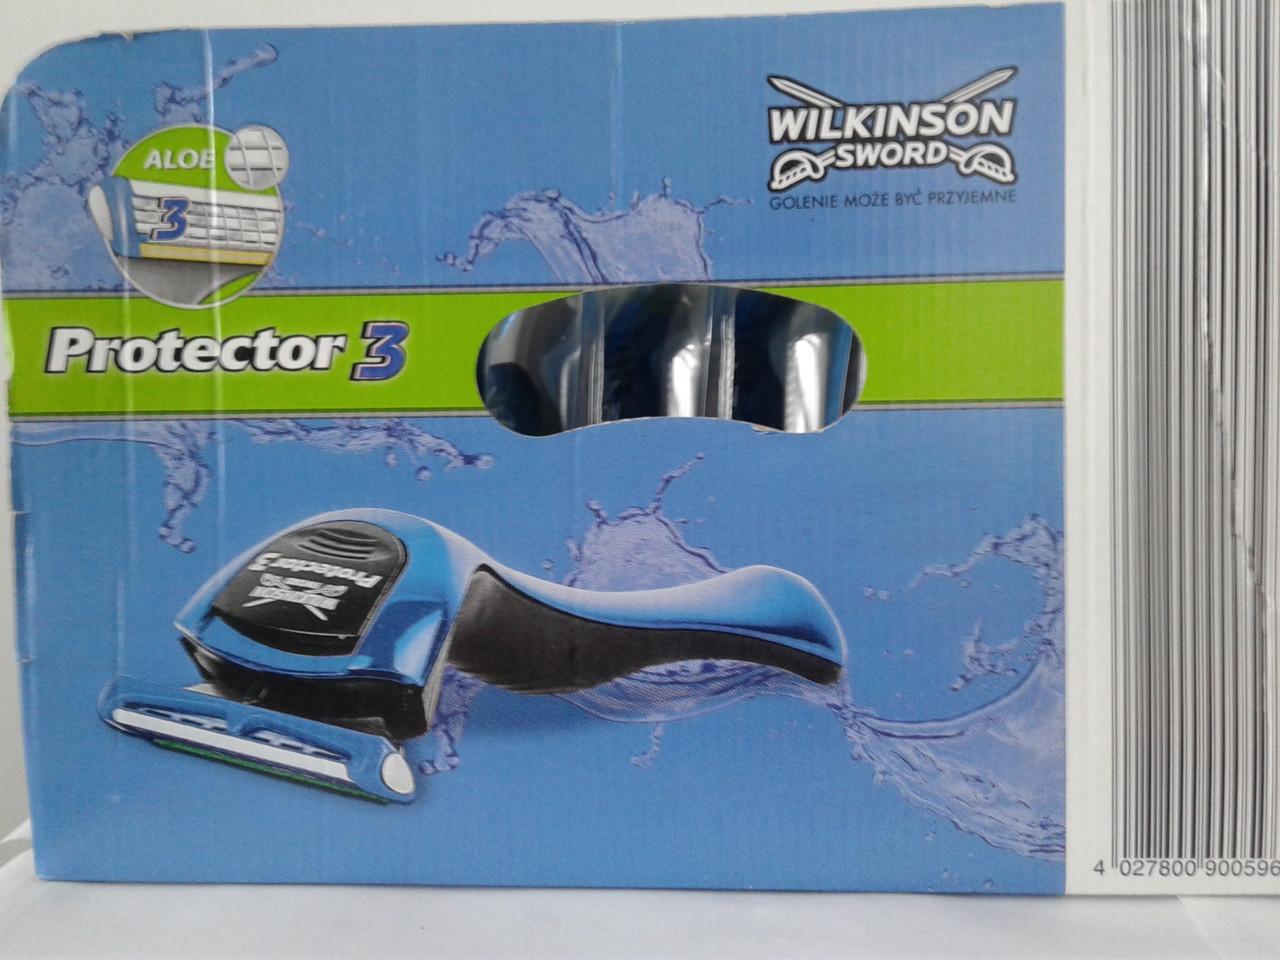 Набор станков и картиджей  Wilkinson Sword Protector 3 15 станков Протектор 3 + 8 упак. картиджей по 4 шт.